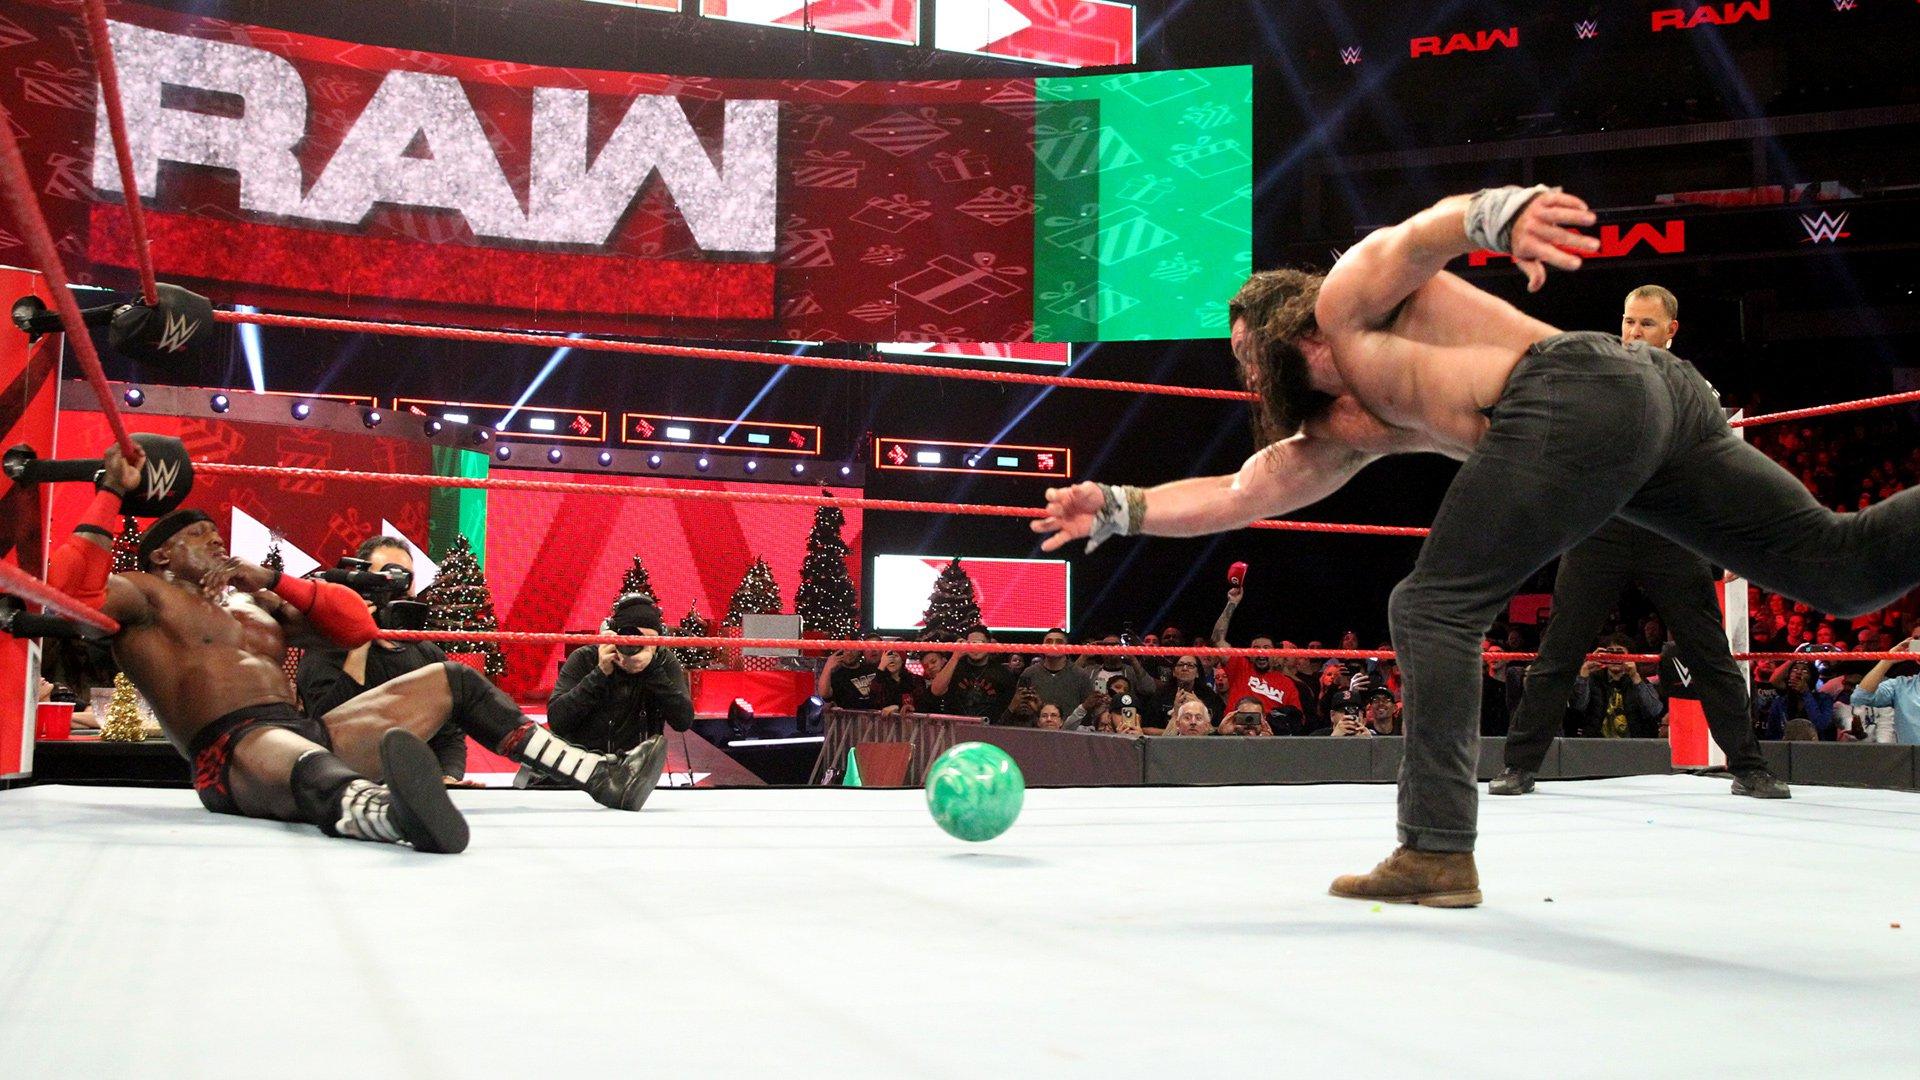 Top 10 des moments de Raw: WWE Top 10, 24 Décembre 2018